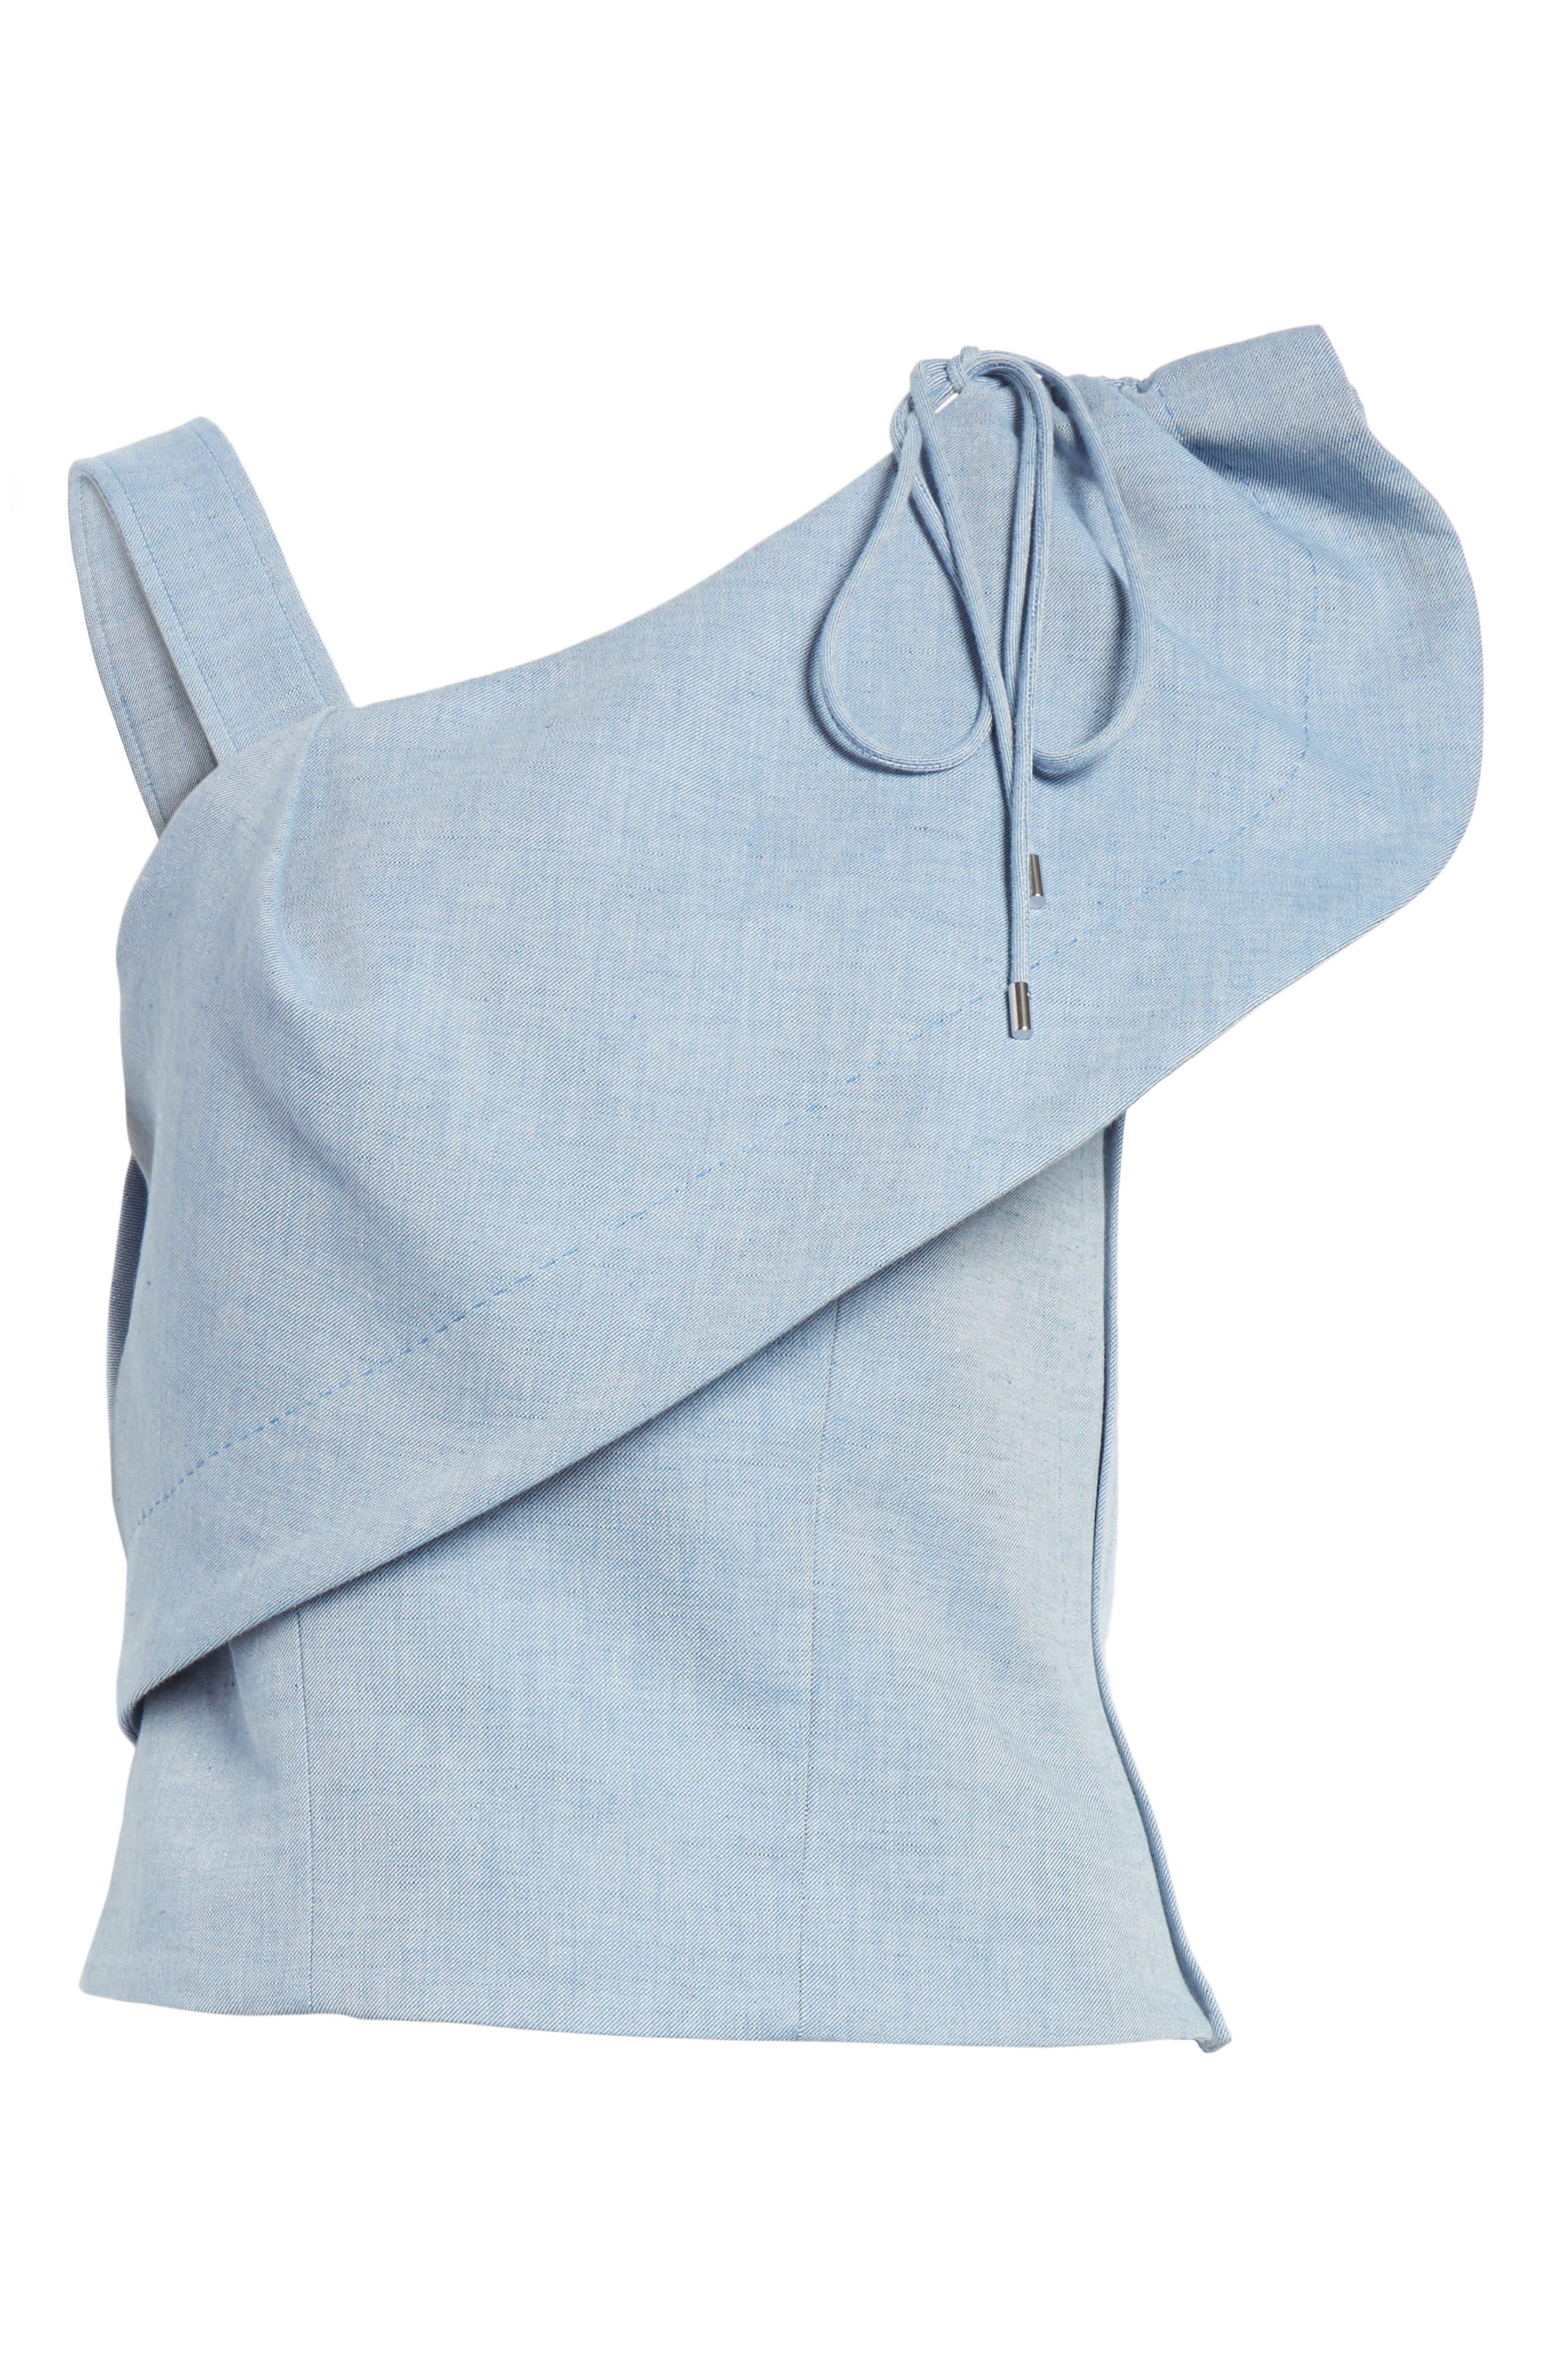 One-Shoulder Cotton & Linen Blend Top,                             Alternate thumbnail 6, color,                             Bleu Acier